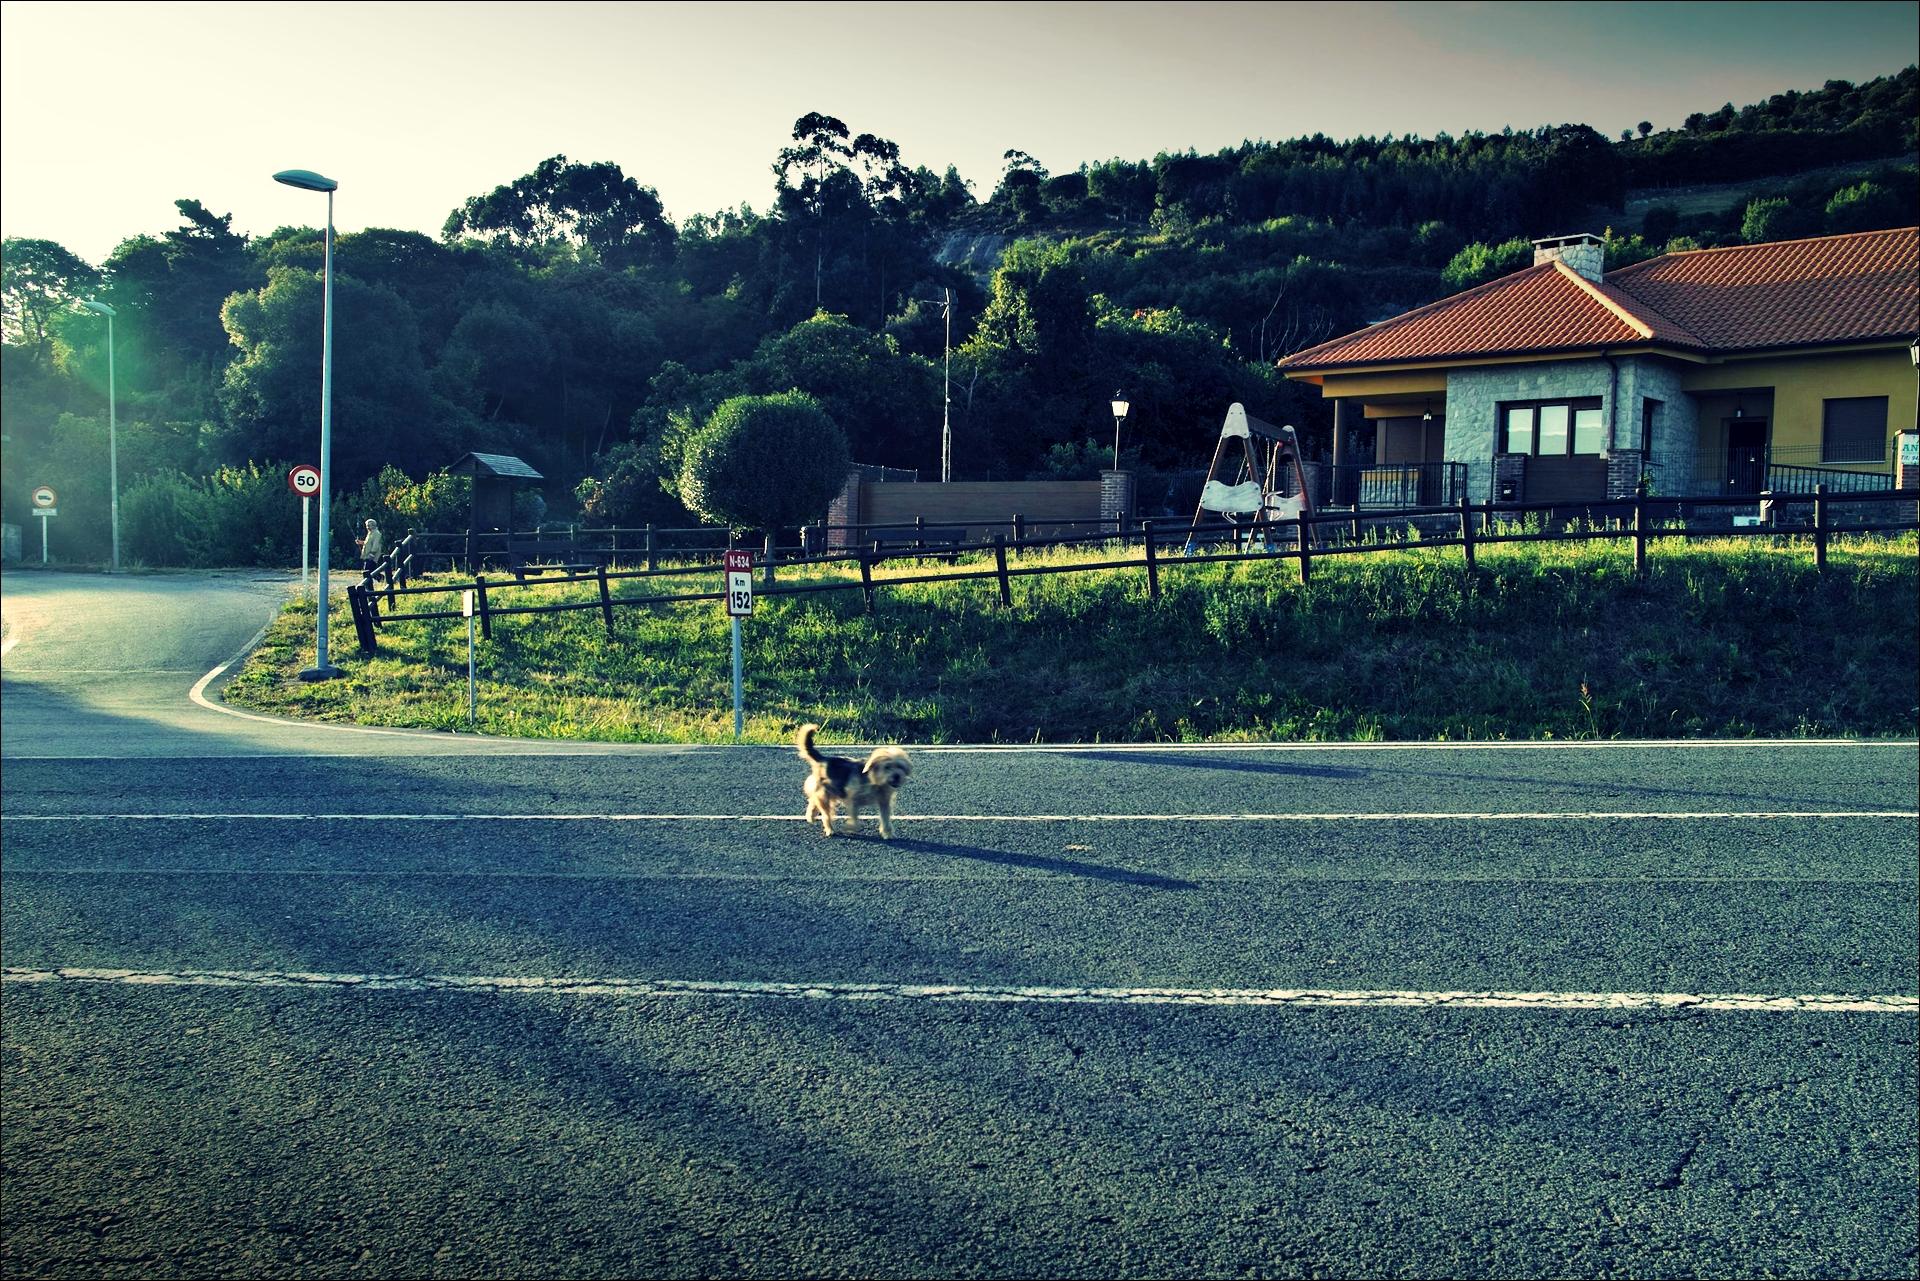 길을 안내하는 개-'카미노 데 산티아고 북쪽길. 카스트로 우르디알레스에서 리엔도. (Camino del Norte - Castro Urdiales to Liendo) '